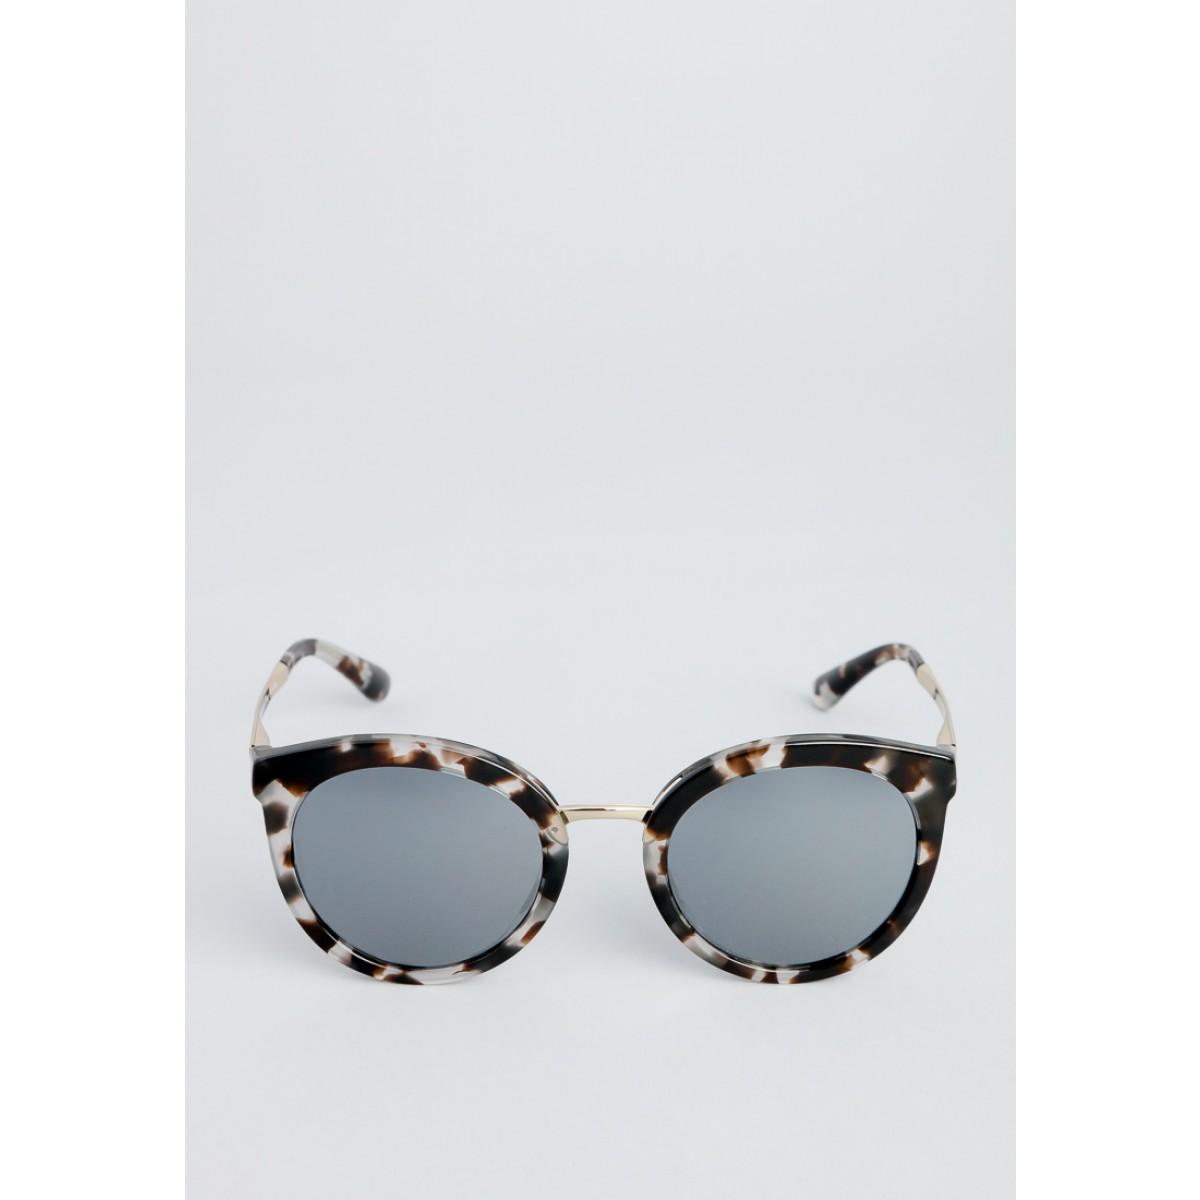 0a277577116d Dolce   Gabbana Cube Havana Fog Oval Women Sunglasses DG4268-28886G ...